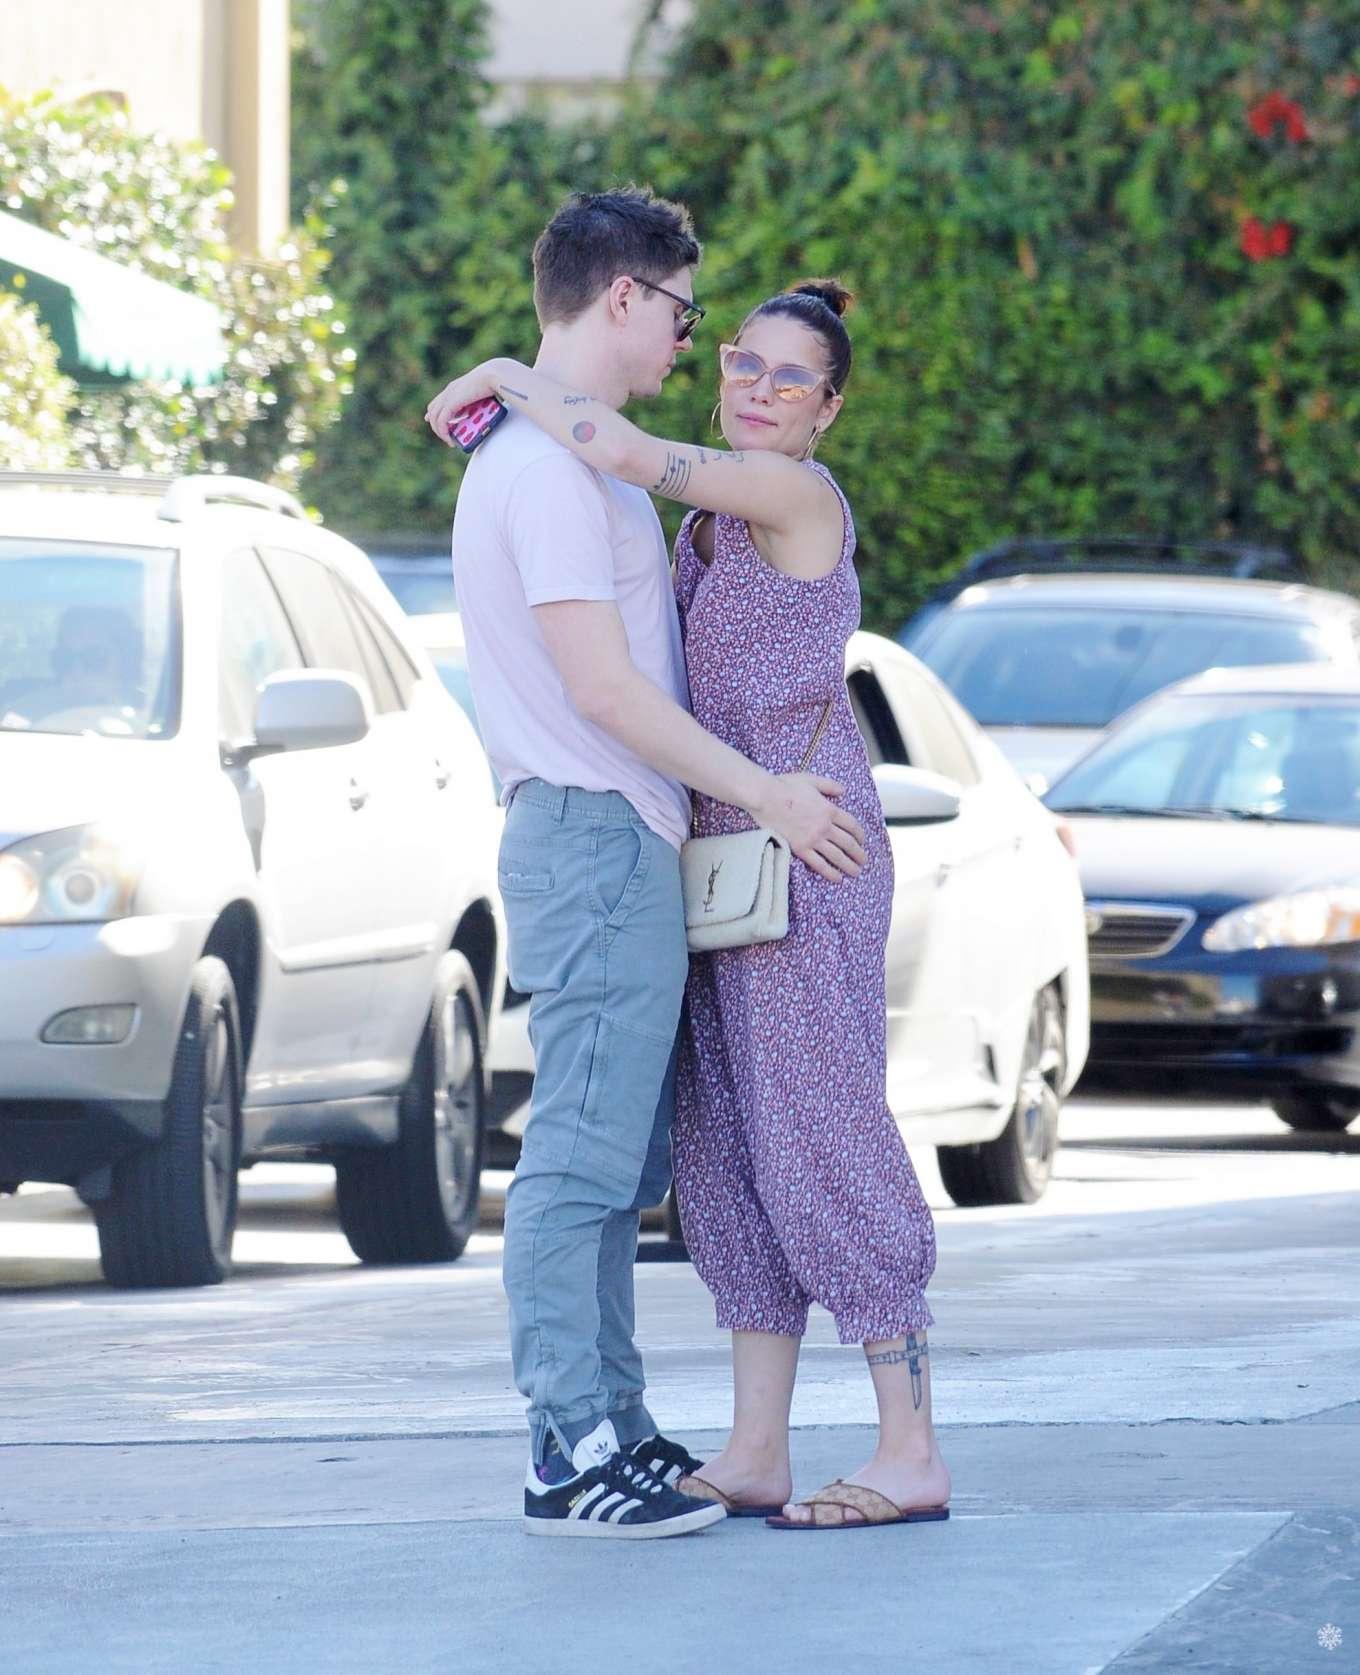 Halsey and Evan Peters at Santa Monica Beach in Los Angeles